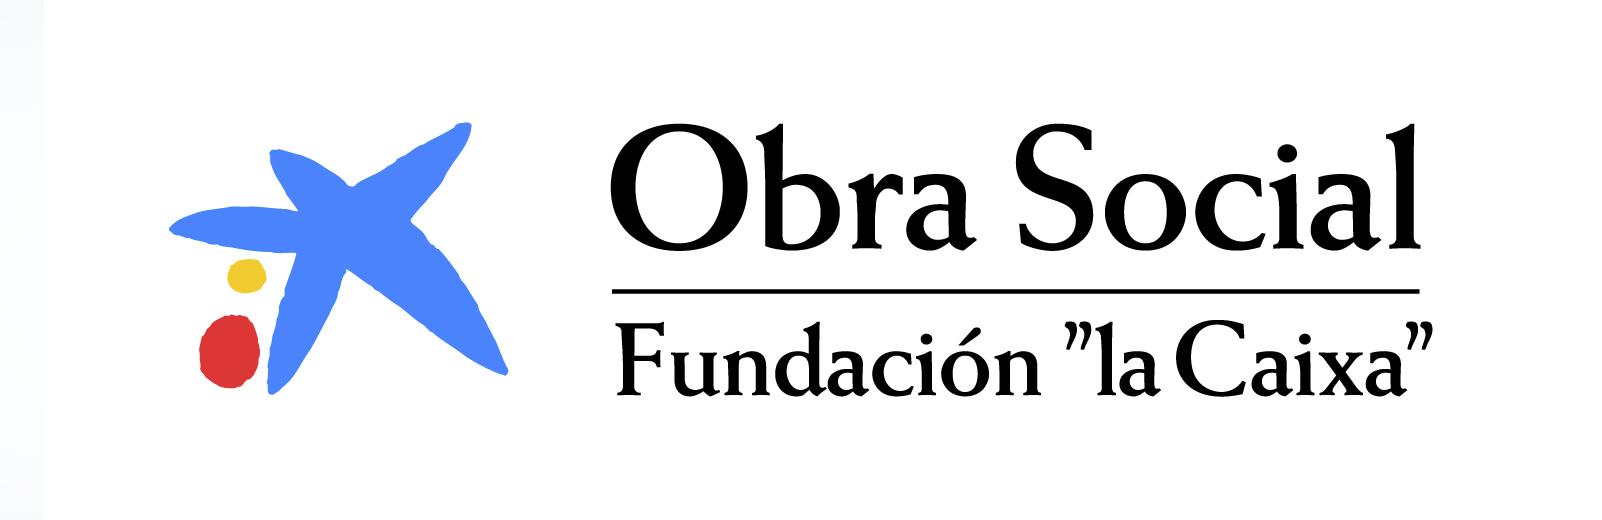 Fundació la Caixa